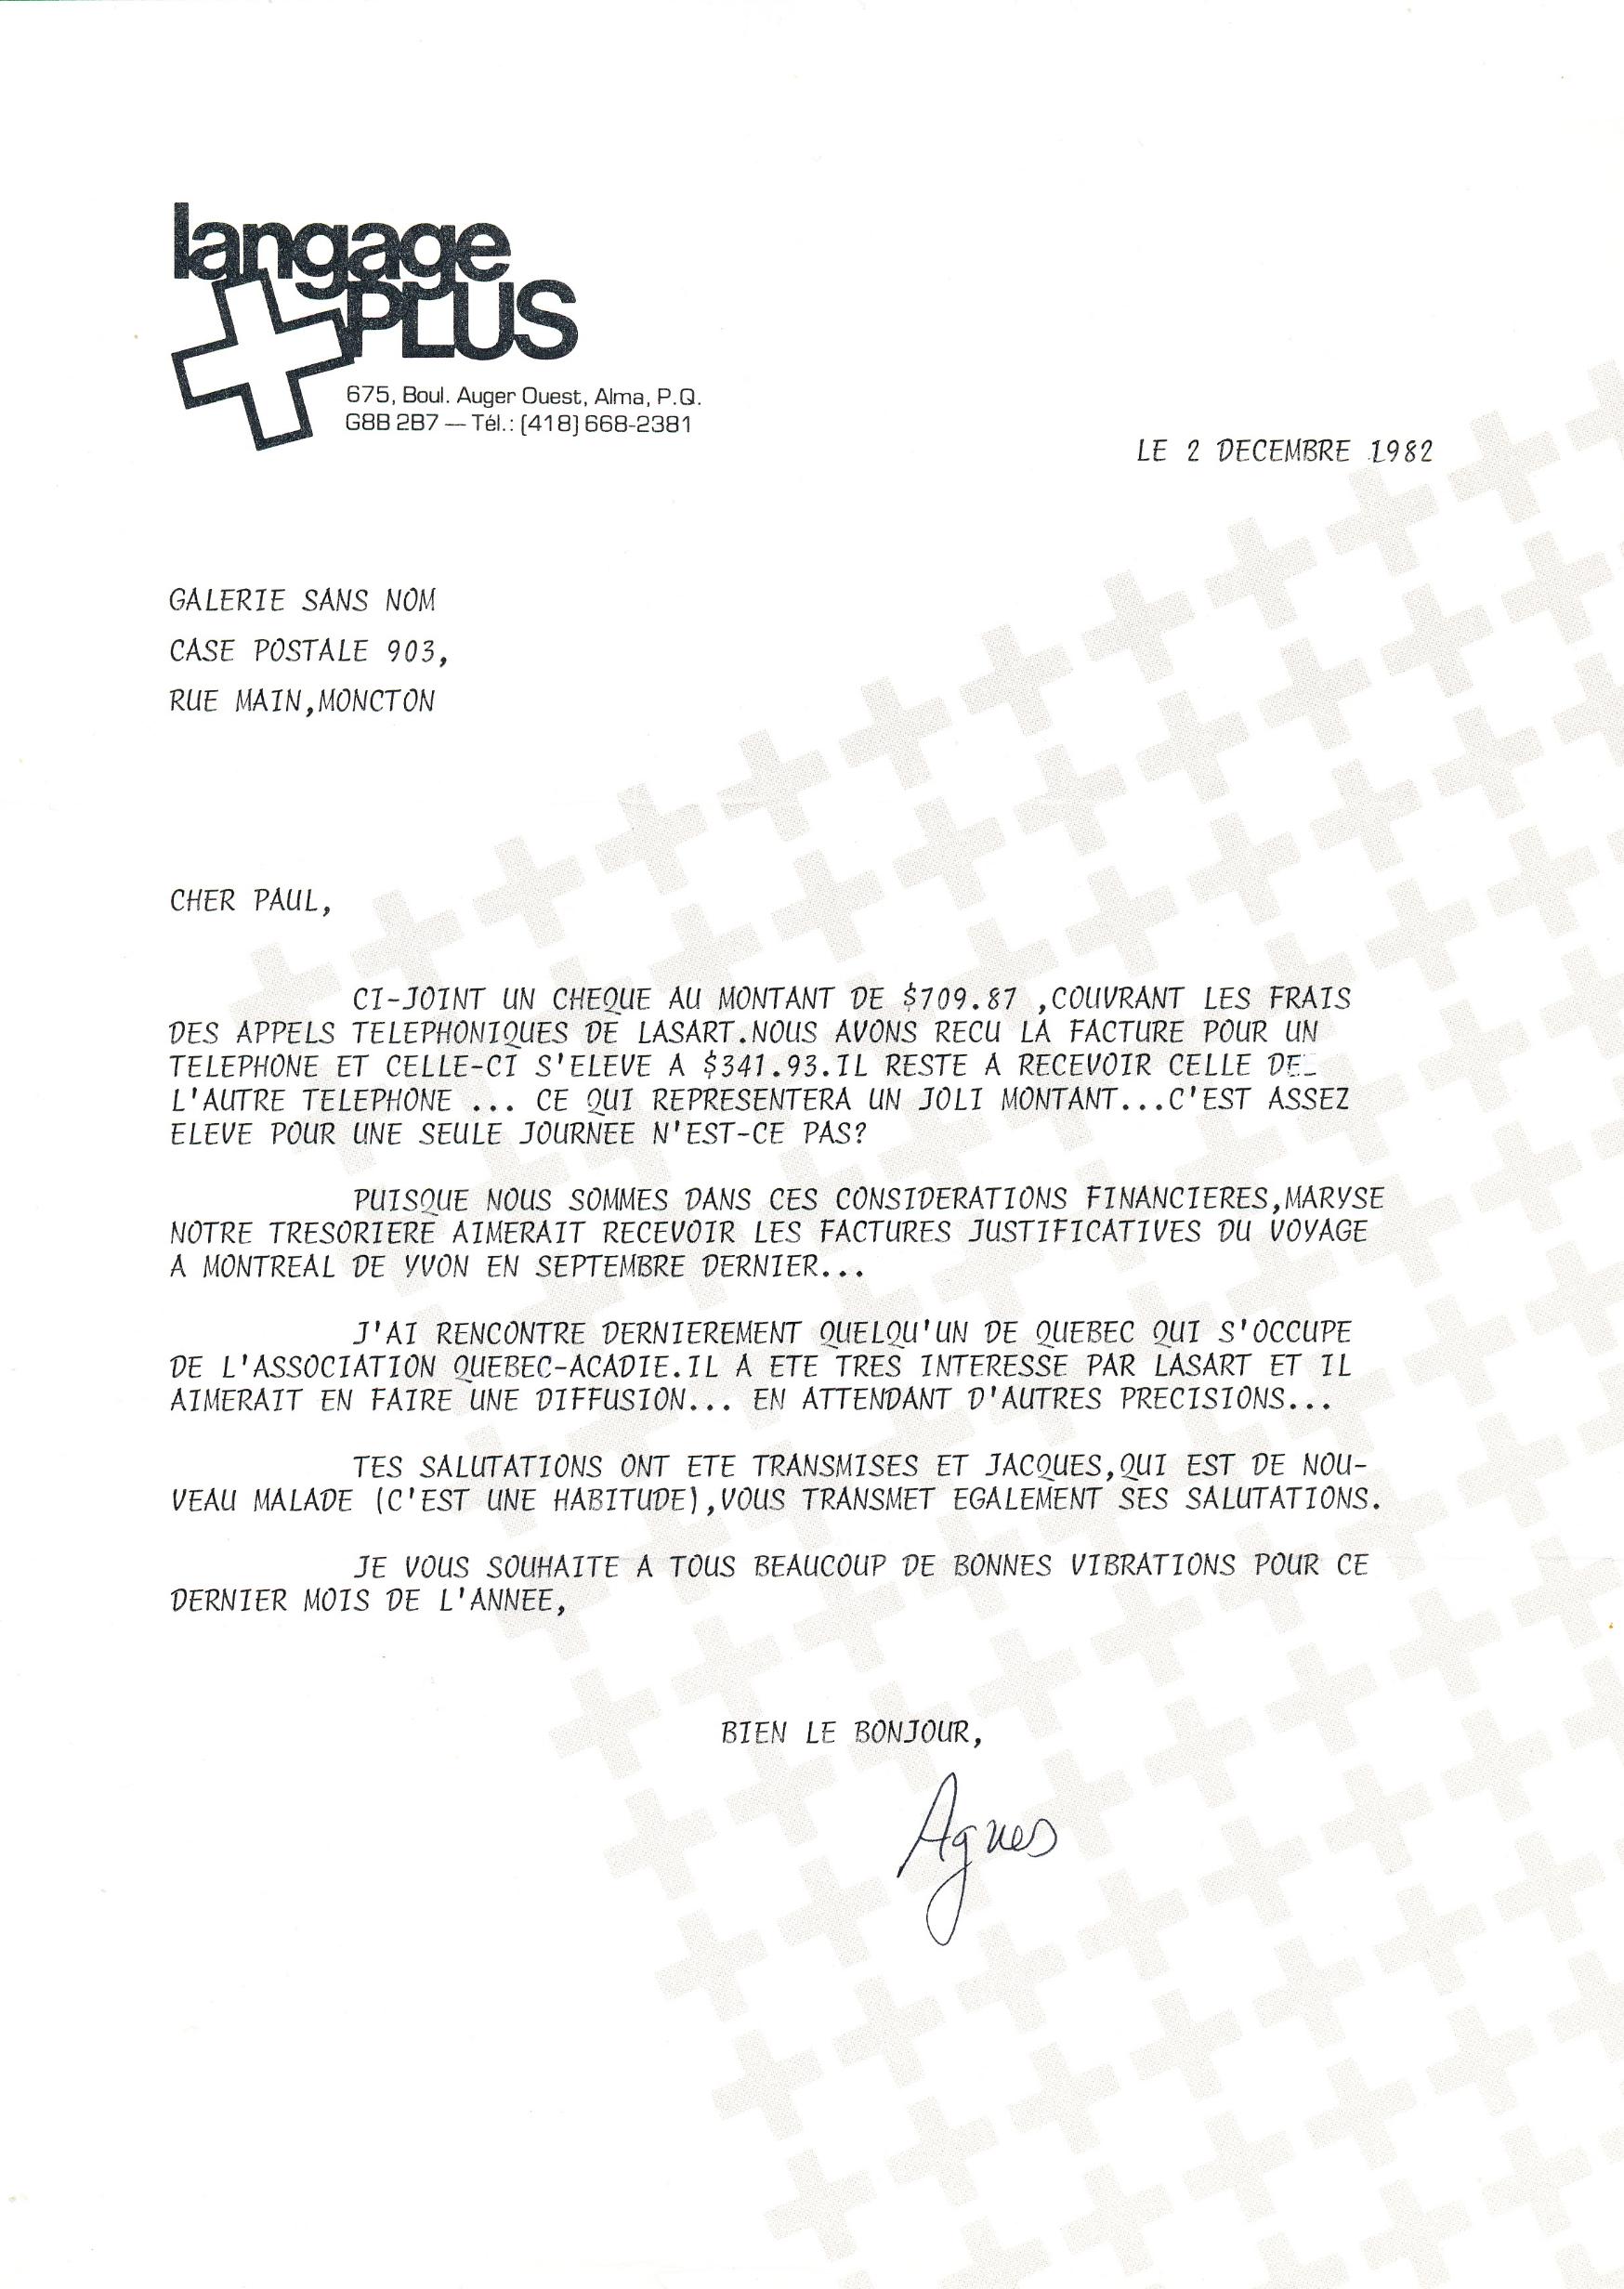 Document original : Lettre à Paul Édouard Bourque ( Galerie Sans Nom ) de la part d'Agnès Tremblay ( Langage Plus ) discutant les factures téléphoniques reliées au projet LASART..